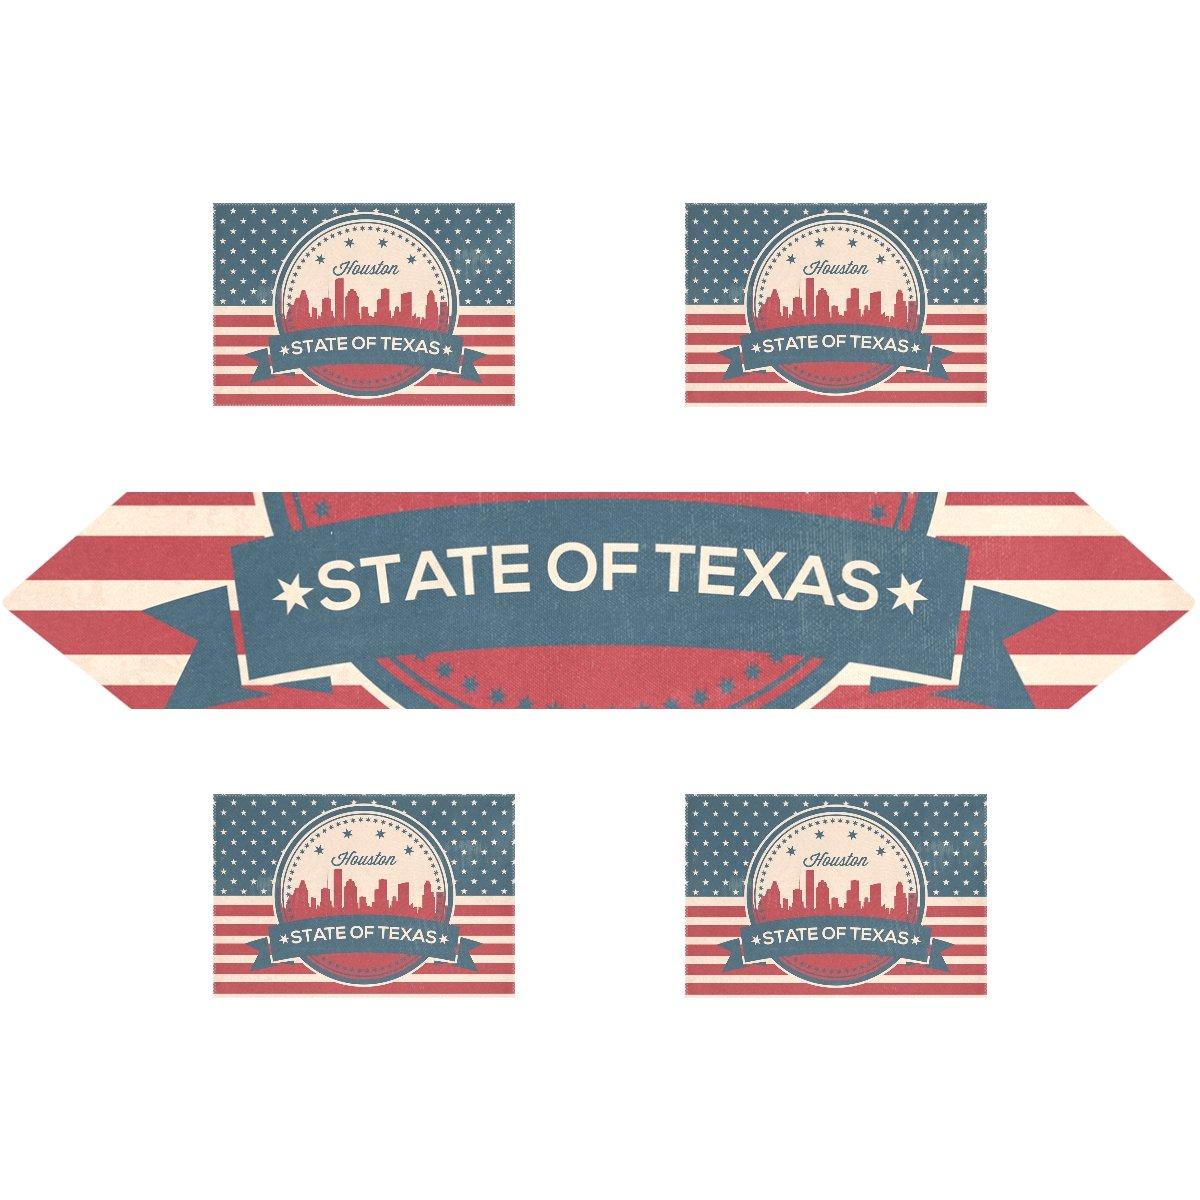 ヴィンテージAmerican Flagテキサス州ヒューストンSkyline長方形テーブルランナー13 x 70インチwithプレースマットテーブルマット12 x 18インチの4のセット、結婚式、パーティー、ディナー、夏&ピクニックの国アウトドアホームde 13x70(in) & 12x18x6(in) ホワイト g1378118p172c202s301 13x70(in) & 12x18x6(in)  B076C88HS4